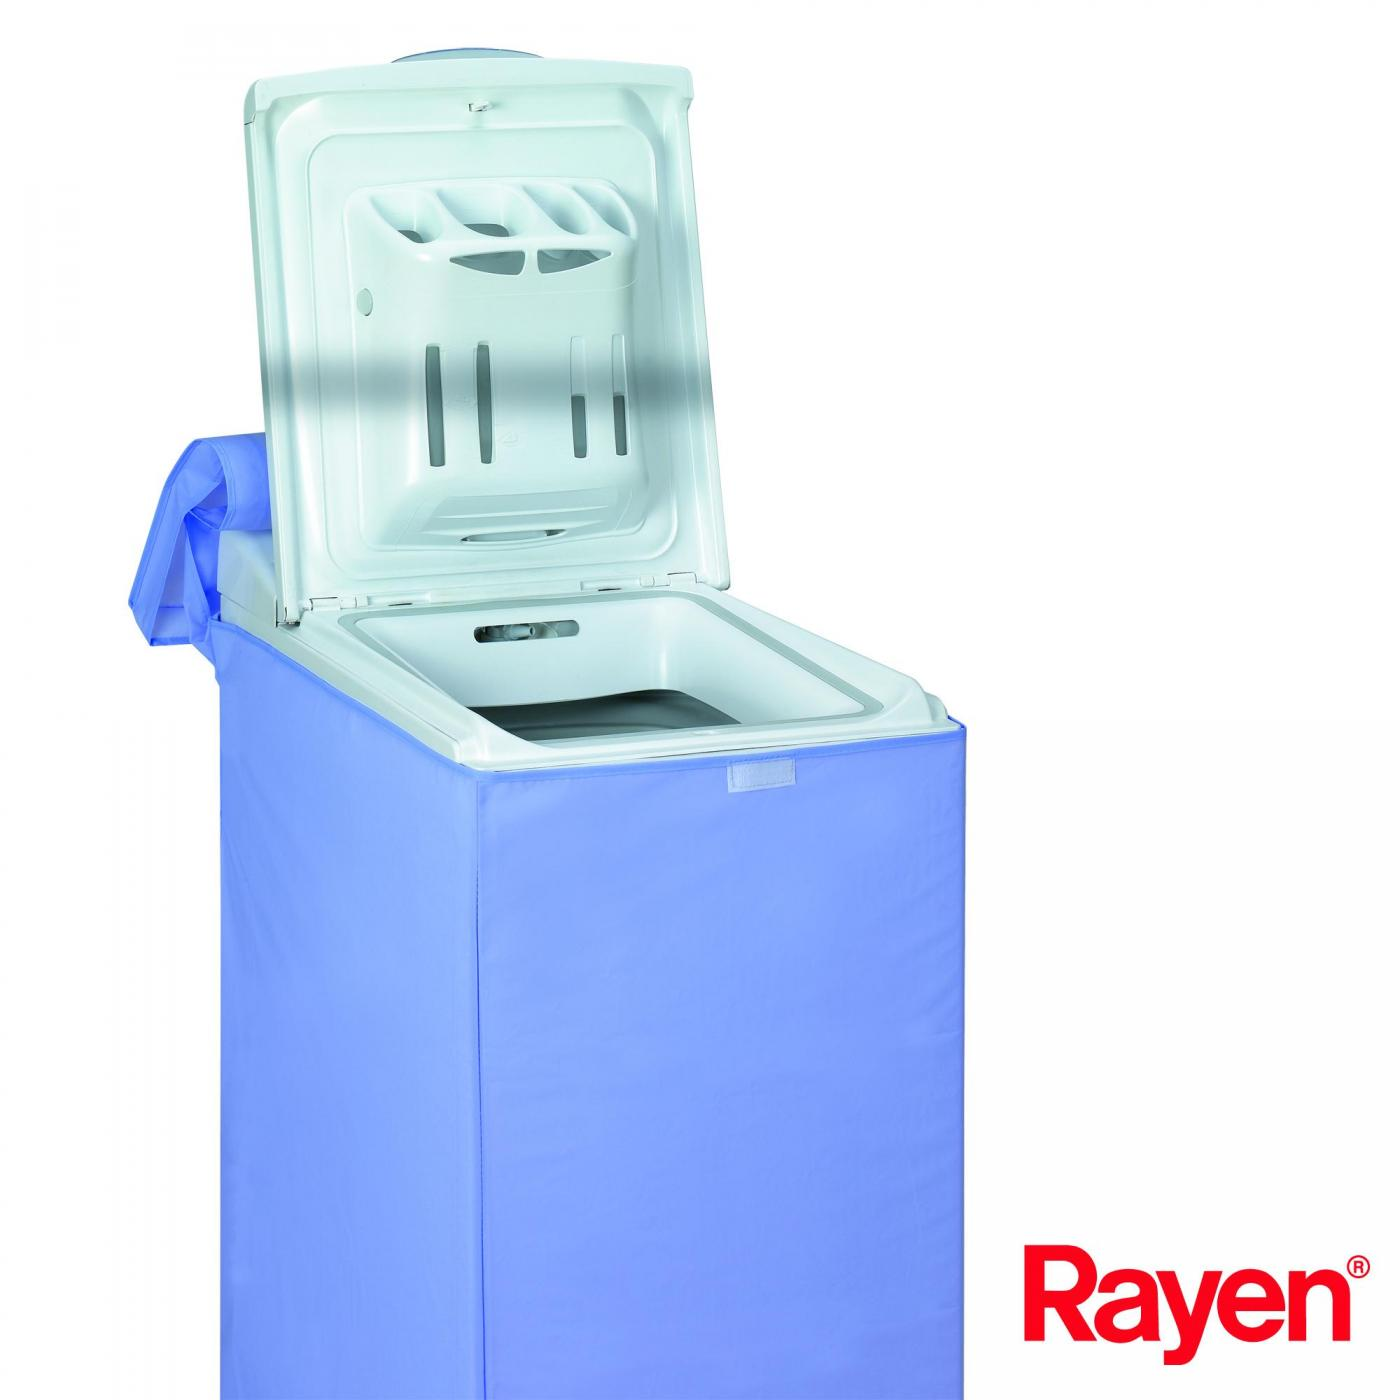 Housse pour machine laver avec ouverture sur le dessus rayen par 5 95 sur - Rangement au dessus machine a laver ...